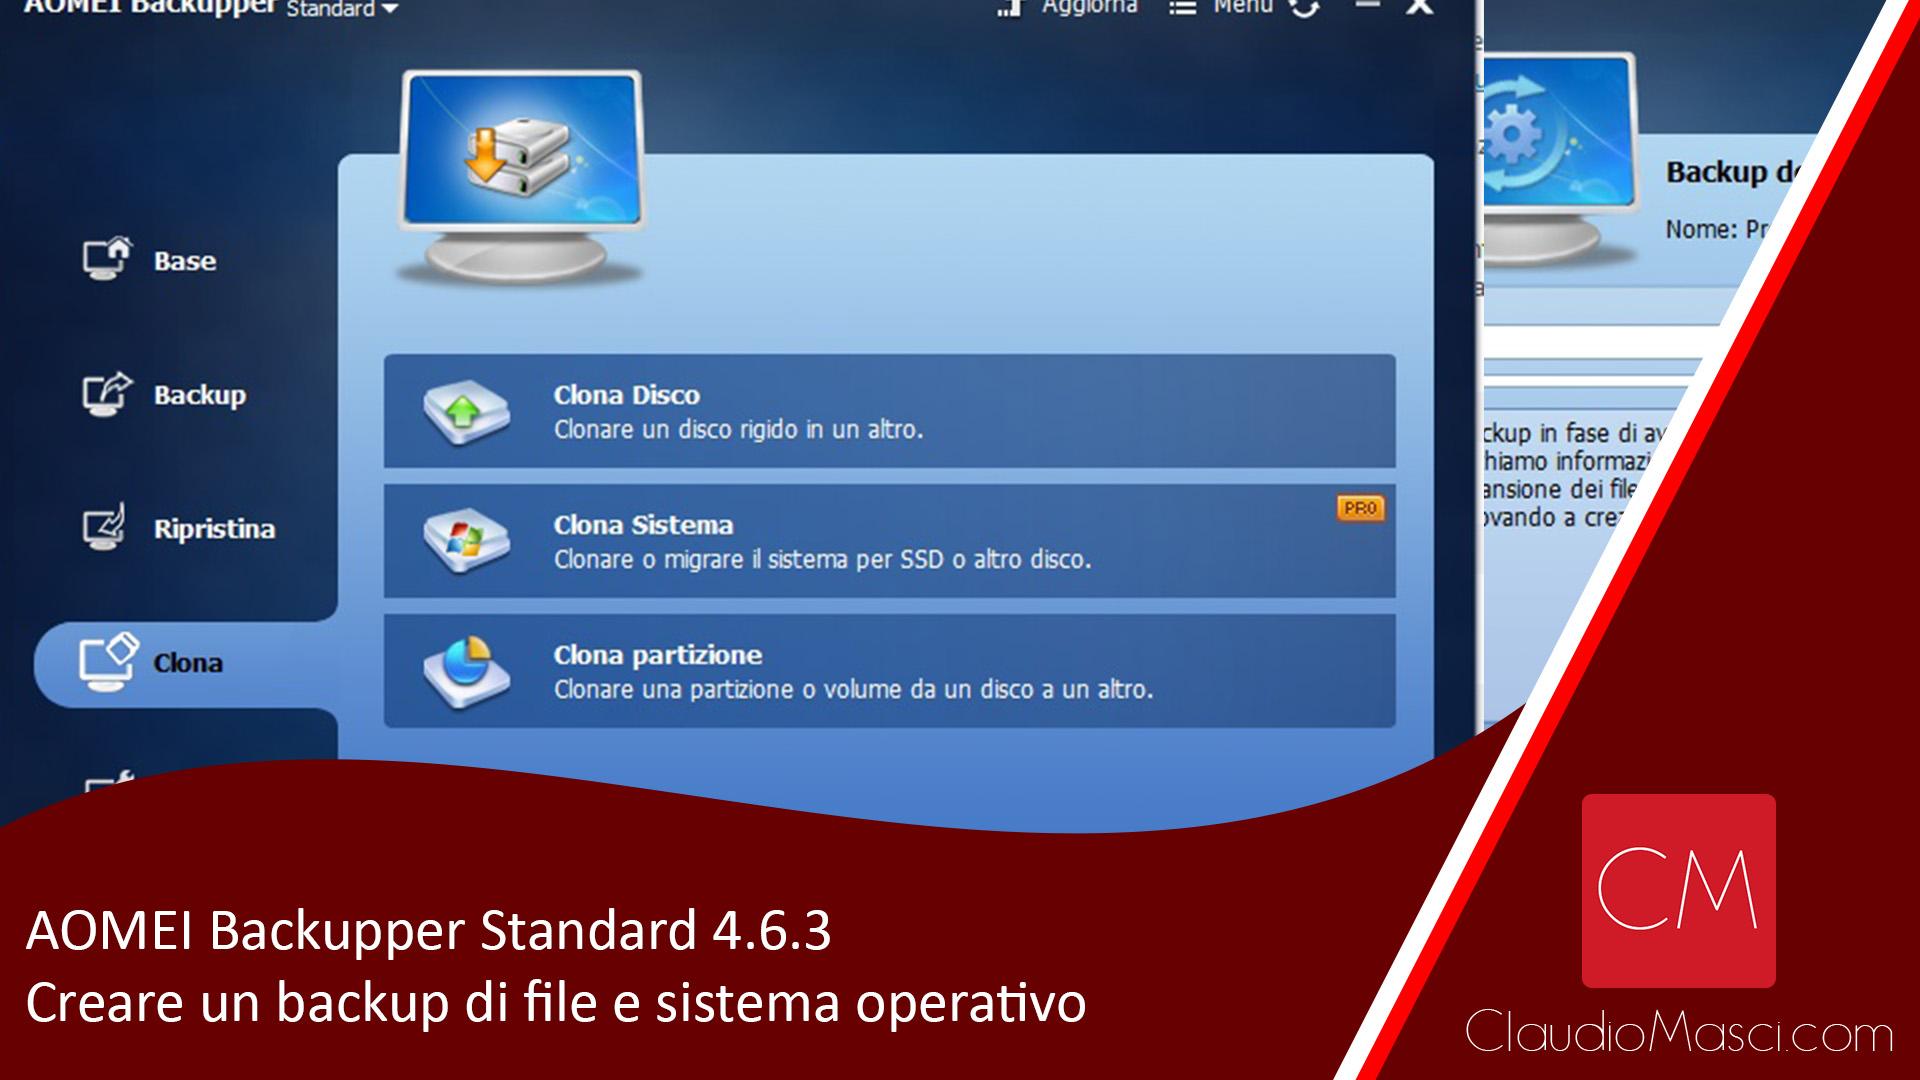 AOMEI Backupper Standard 4.6.3 – Creare un backup di file e sistema operativo